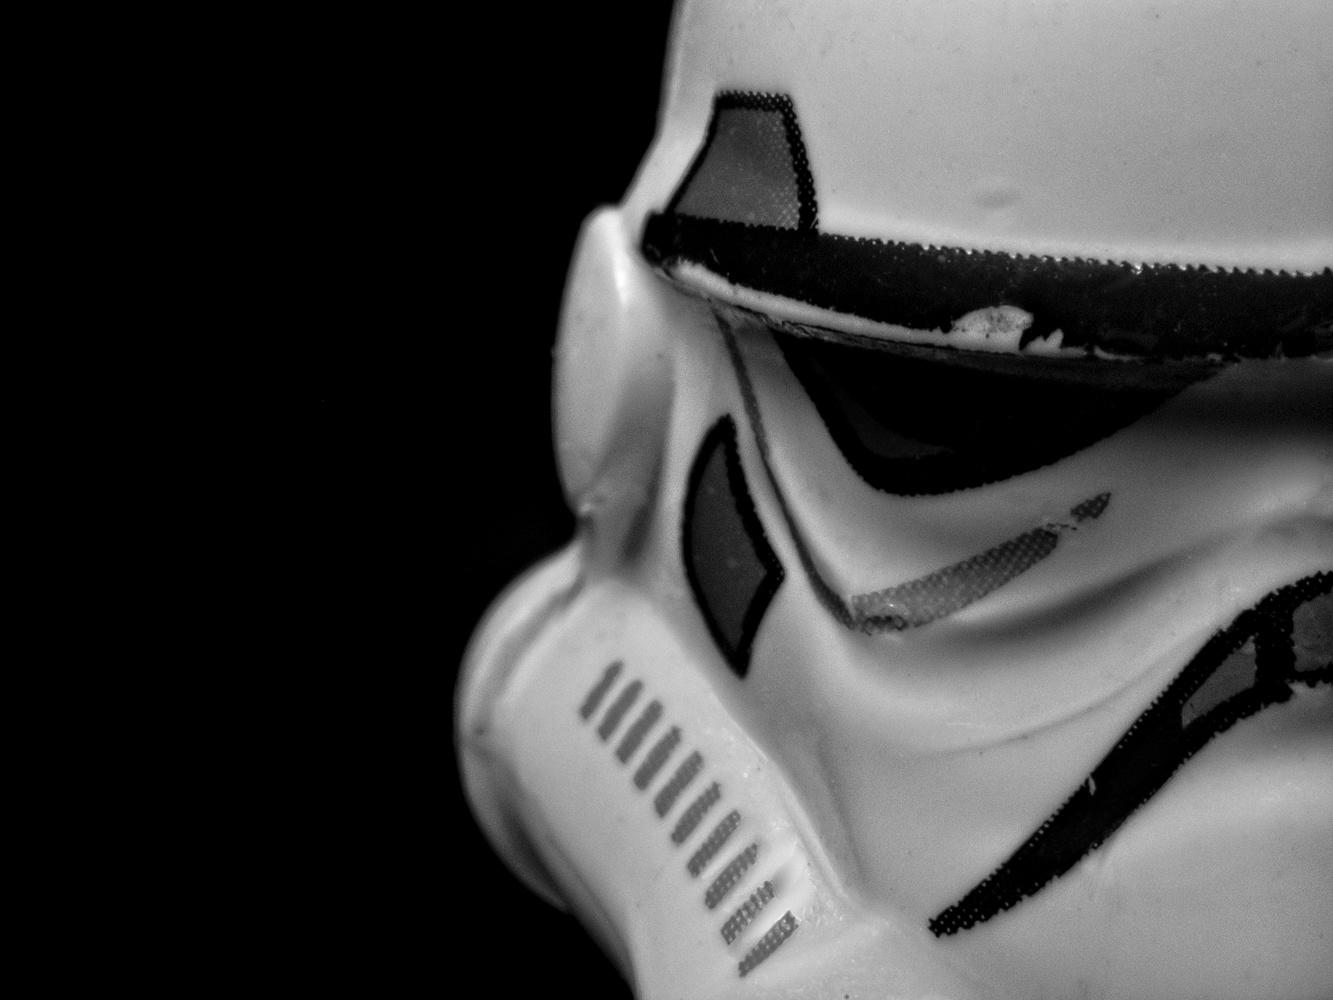 Helmet by Matthew Lacy